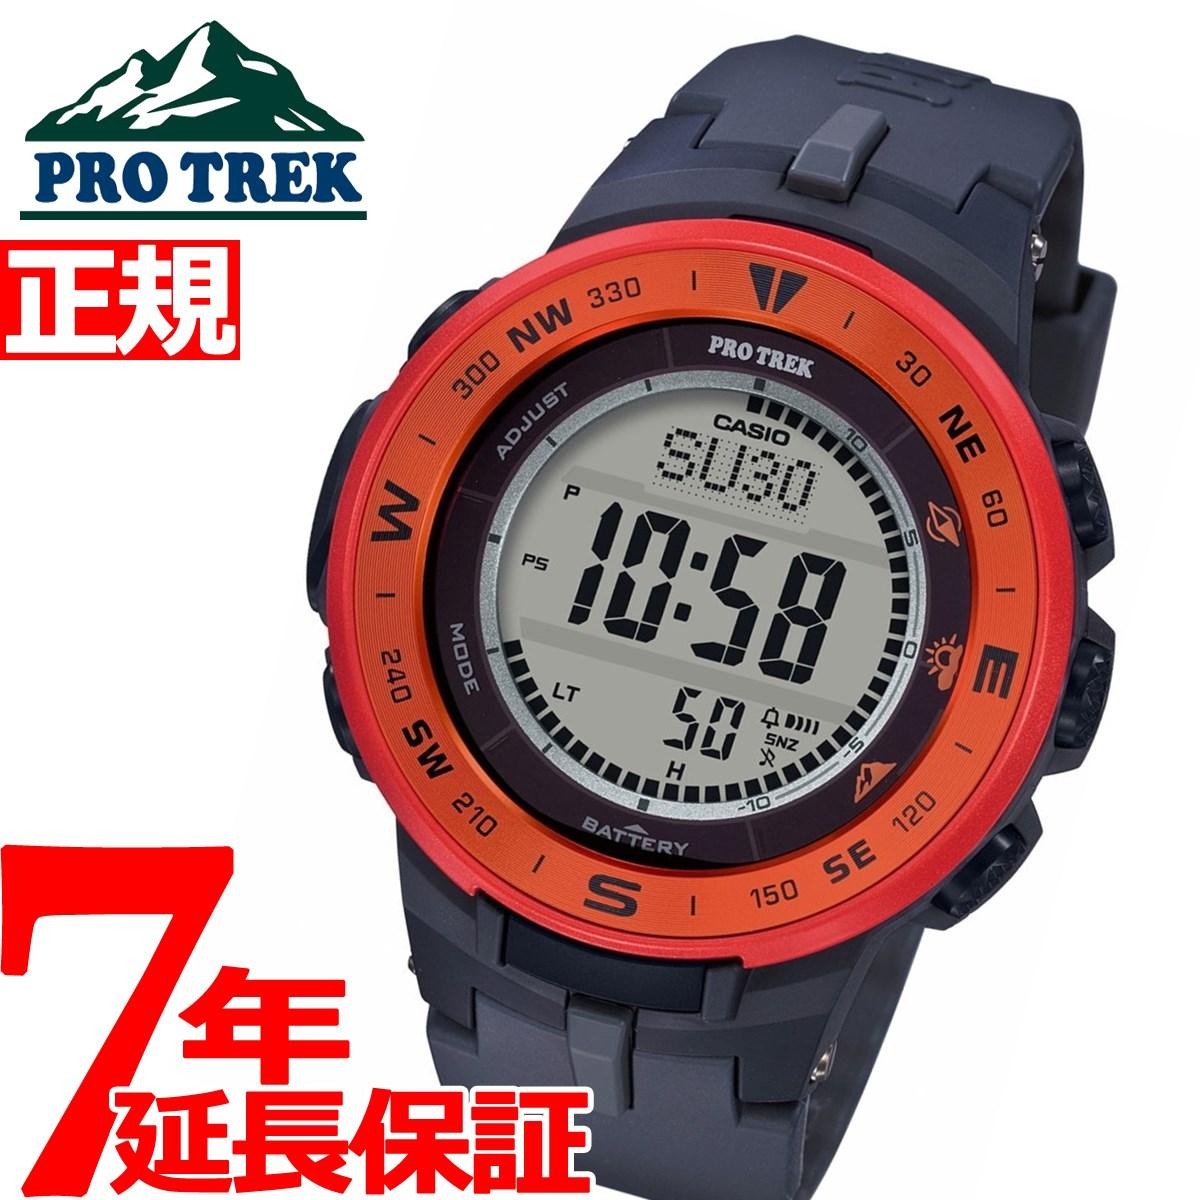 【5日0時~♪2000円OFFクーポン&店内ポイント最大51倍!5日23時59分まで】カシオ プロトレック CASIO PRO TREK ソーラー 腕時計 メンズ タフソーラー PRG-330-4AJF